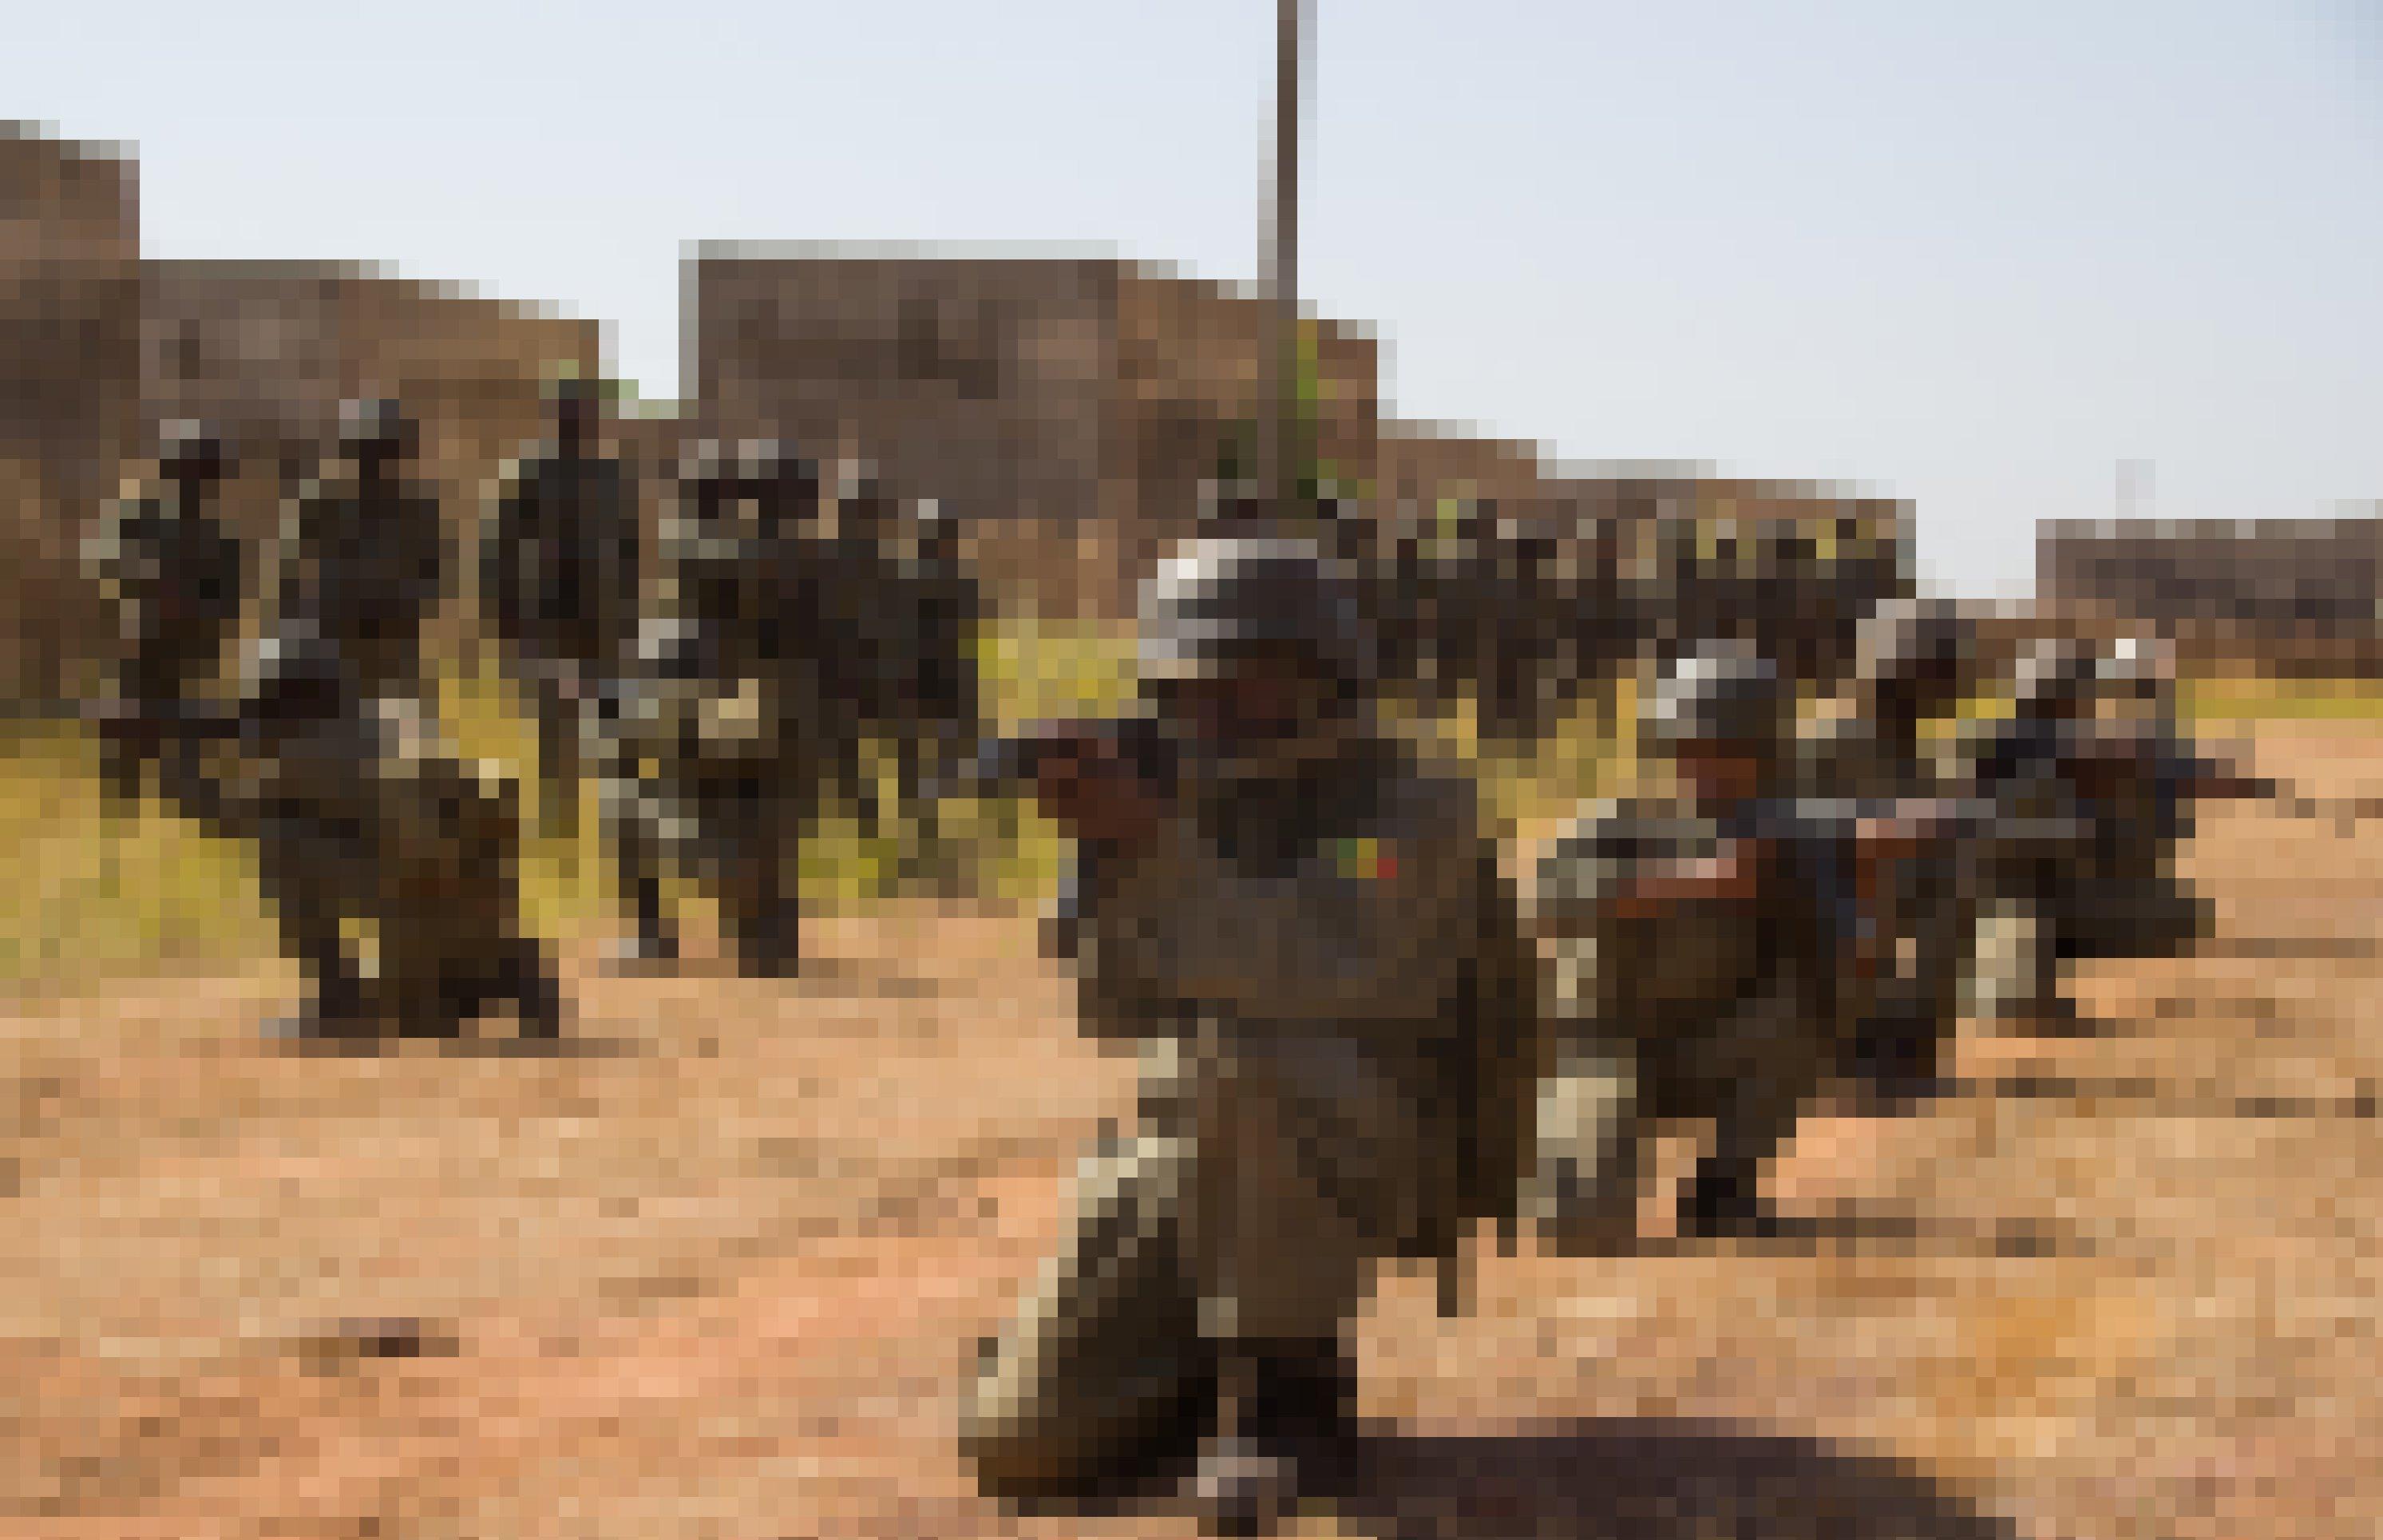 Malische Soldaten knien hintereinander in einer Reihe, die Gewehre im Anschlag. Sie üben den Häuserkampf.